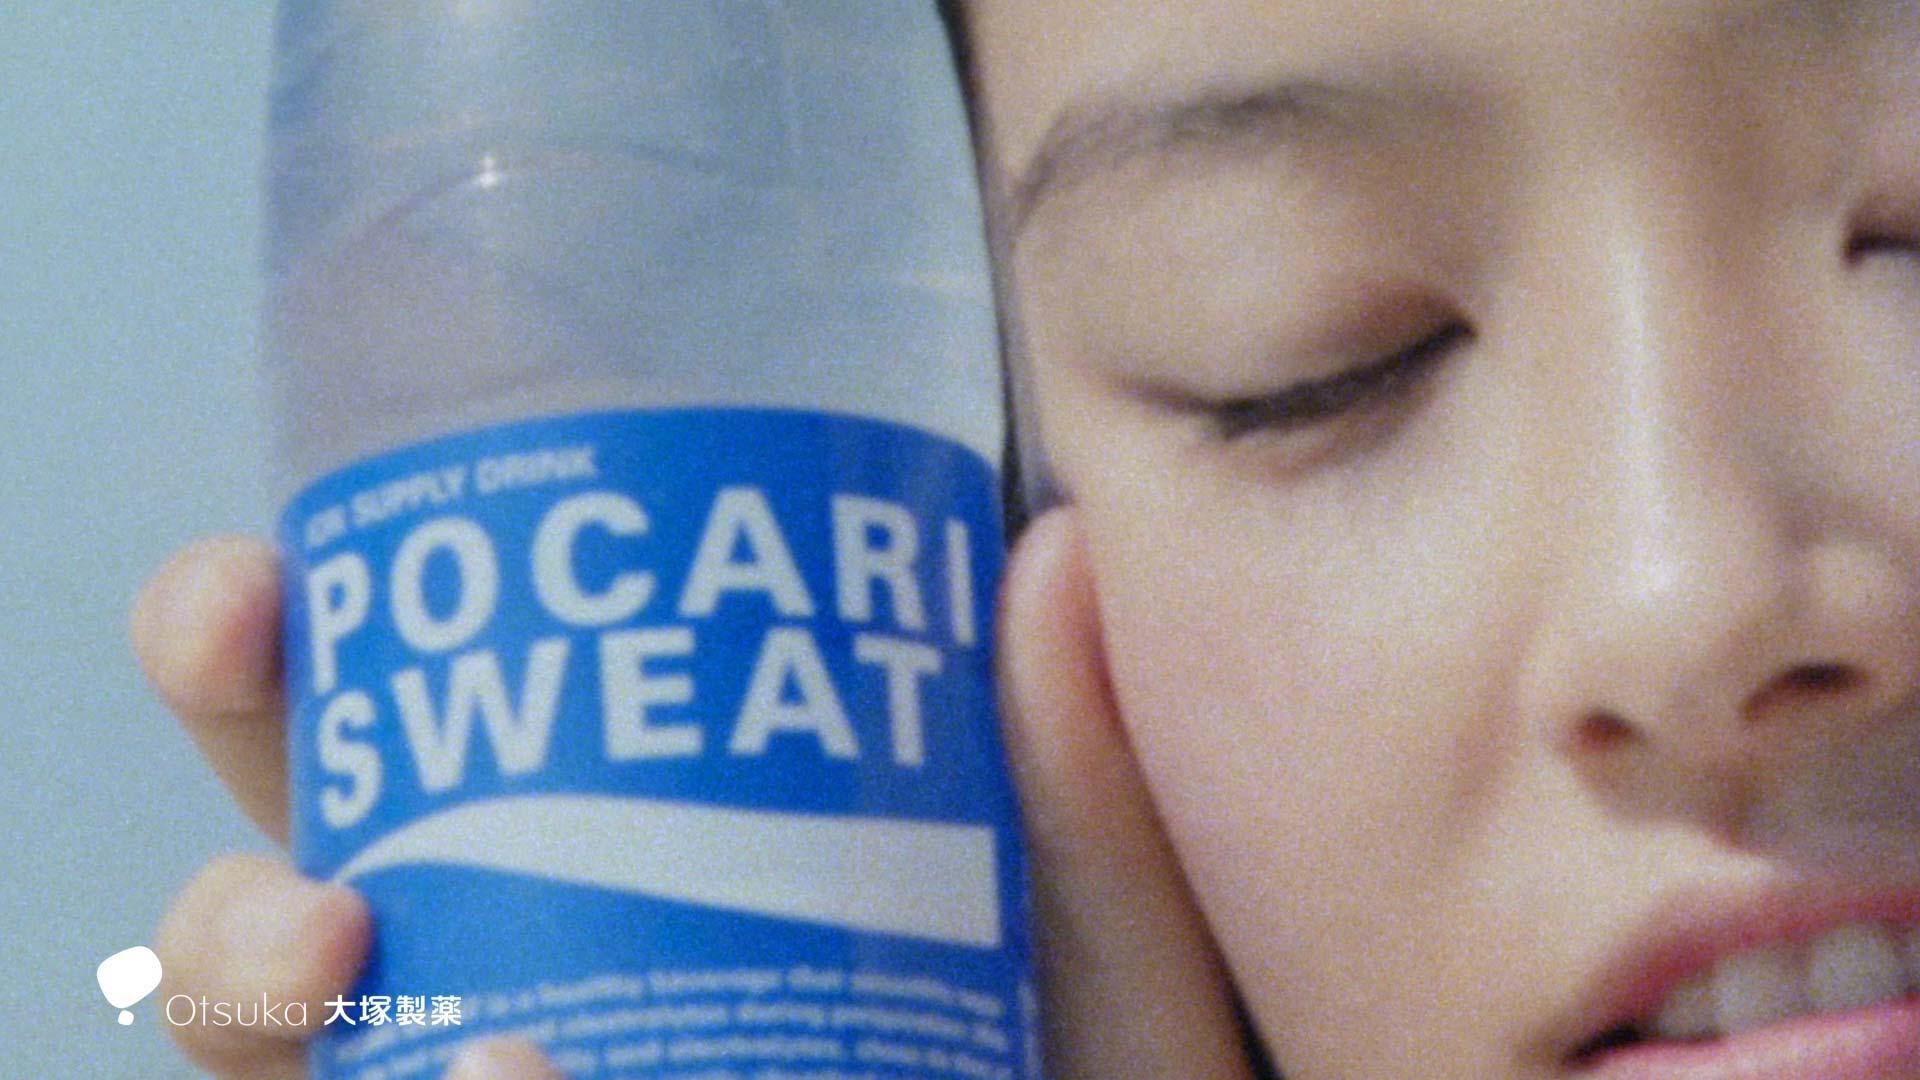 大塚製薬 ポカリスエット 2020「渇きを力に変えてゆく。」篇